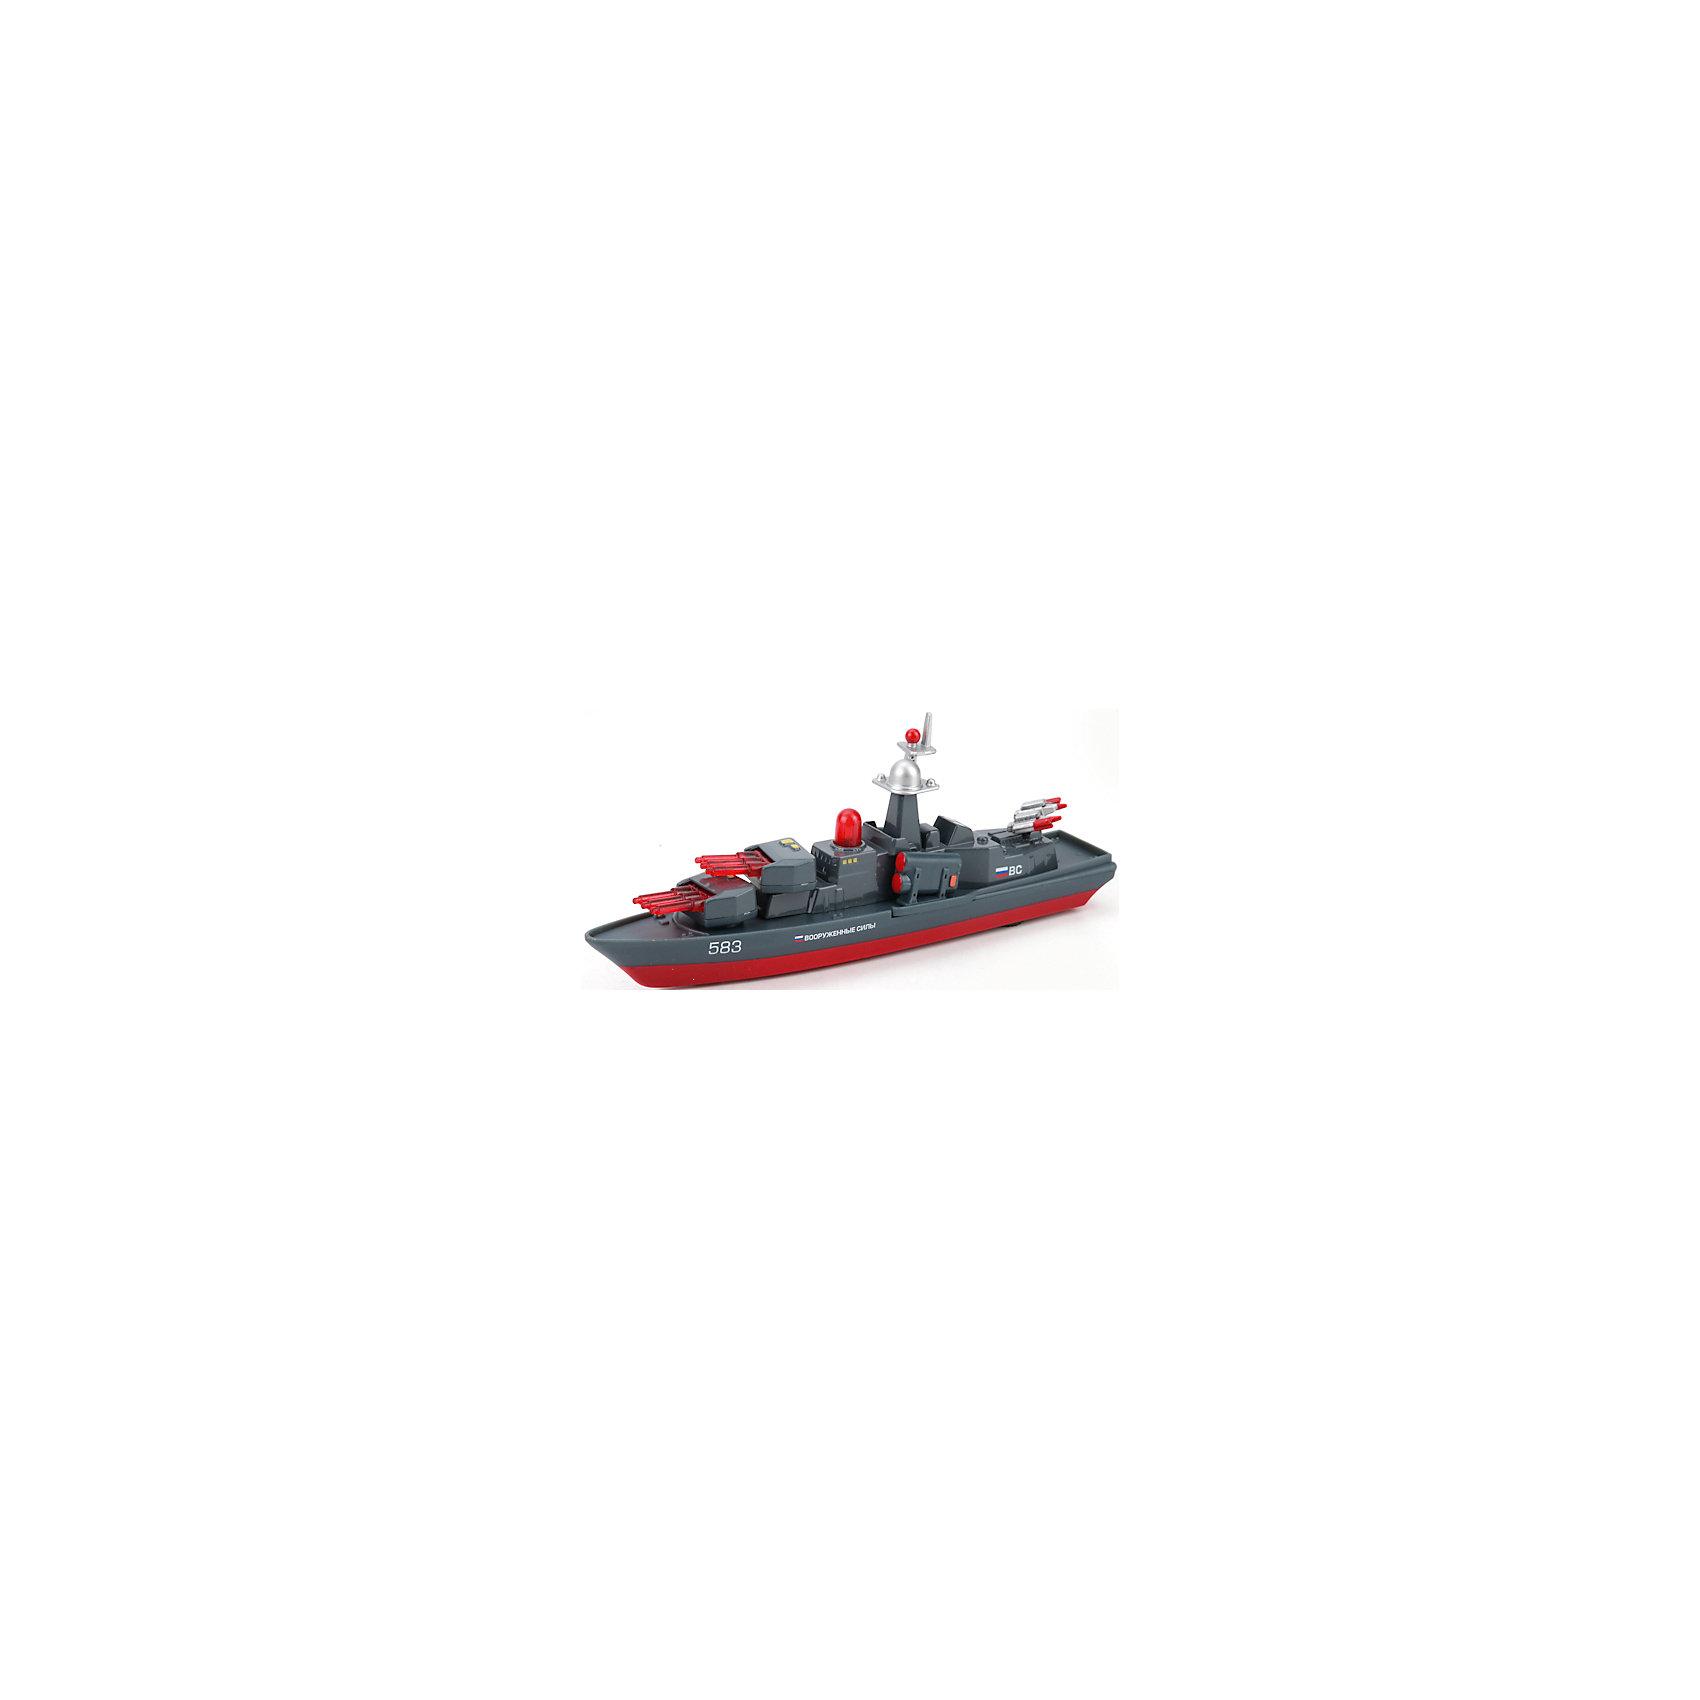 Корабль, металл. инерц., свет+звук, ТЕХНОПАРККорабли и лодки<br>Характеристики корабля:<br><br>- бренд: Технопарк<br>- возраст: от 3 лет<br>- пол:  для мальчиков<br>- цвет: серый.<br>- тип батареек: на батарейках.<br>- материал: металл.<br>- размер игрушки: 5 * 15 * 24 см.<br>- упаковка: картонная коробка блистерного типа.<br>- страна обладатель бренда: Россия.<br><br>Корабль Вооруженные силы 583 - мини-копия настоящего. Красно-серая расцветка сближает сооружение с военным. Все детали корабля проработаны до идеала. Данная модель является коллекционной, она - отличный вариант для подарка тому, кто неравнодушен к военной технике. Если нажать на кнопку корабля, он начнет демонстрировать световые и звуковые эффекты, словно настоящий! Игрушка имеет инерционный механизм движения: если ее толкнуть вперед, она преодолеет солидное расстояние. <br><br>Корабль торговой марки Технопарк можно купить в нашем интернет-магазине.<br><br>Ширина мм: 240<br>Глубина мм: 150<br>Высота мм: 50<br>Вес г: 200<br>Возраст от месяцев: 36<br>Возраст до месяцев: 120<br>Пол: Мужской<br>Возраст: Детский<br>SKU: 4763398